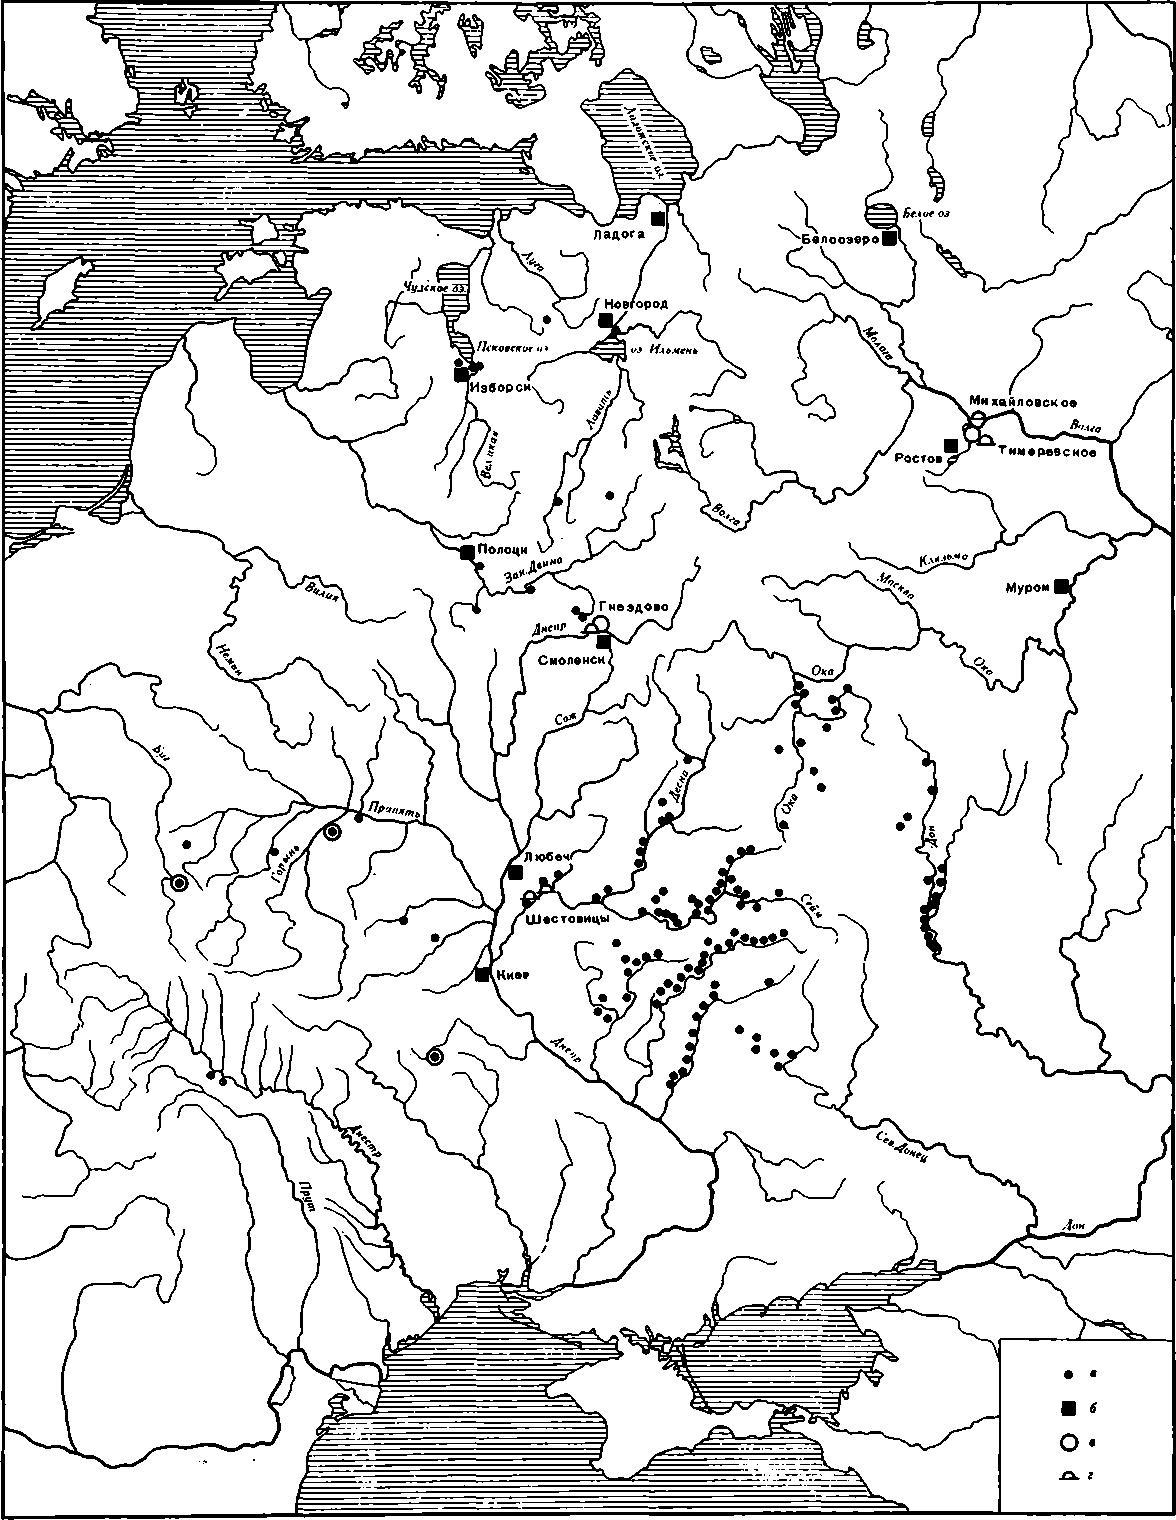 Карта 37. Распространение укрепленных поселений восточных славян в VII—IX вв. а — городища с отложениями, содержащими лепную керамику; б — города, упоминаемые в летописях в IX в.; в — протогородские поселения; г — дружинные курганы